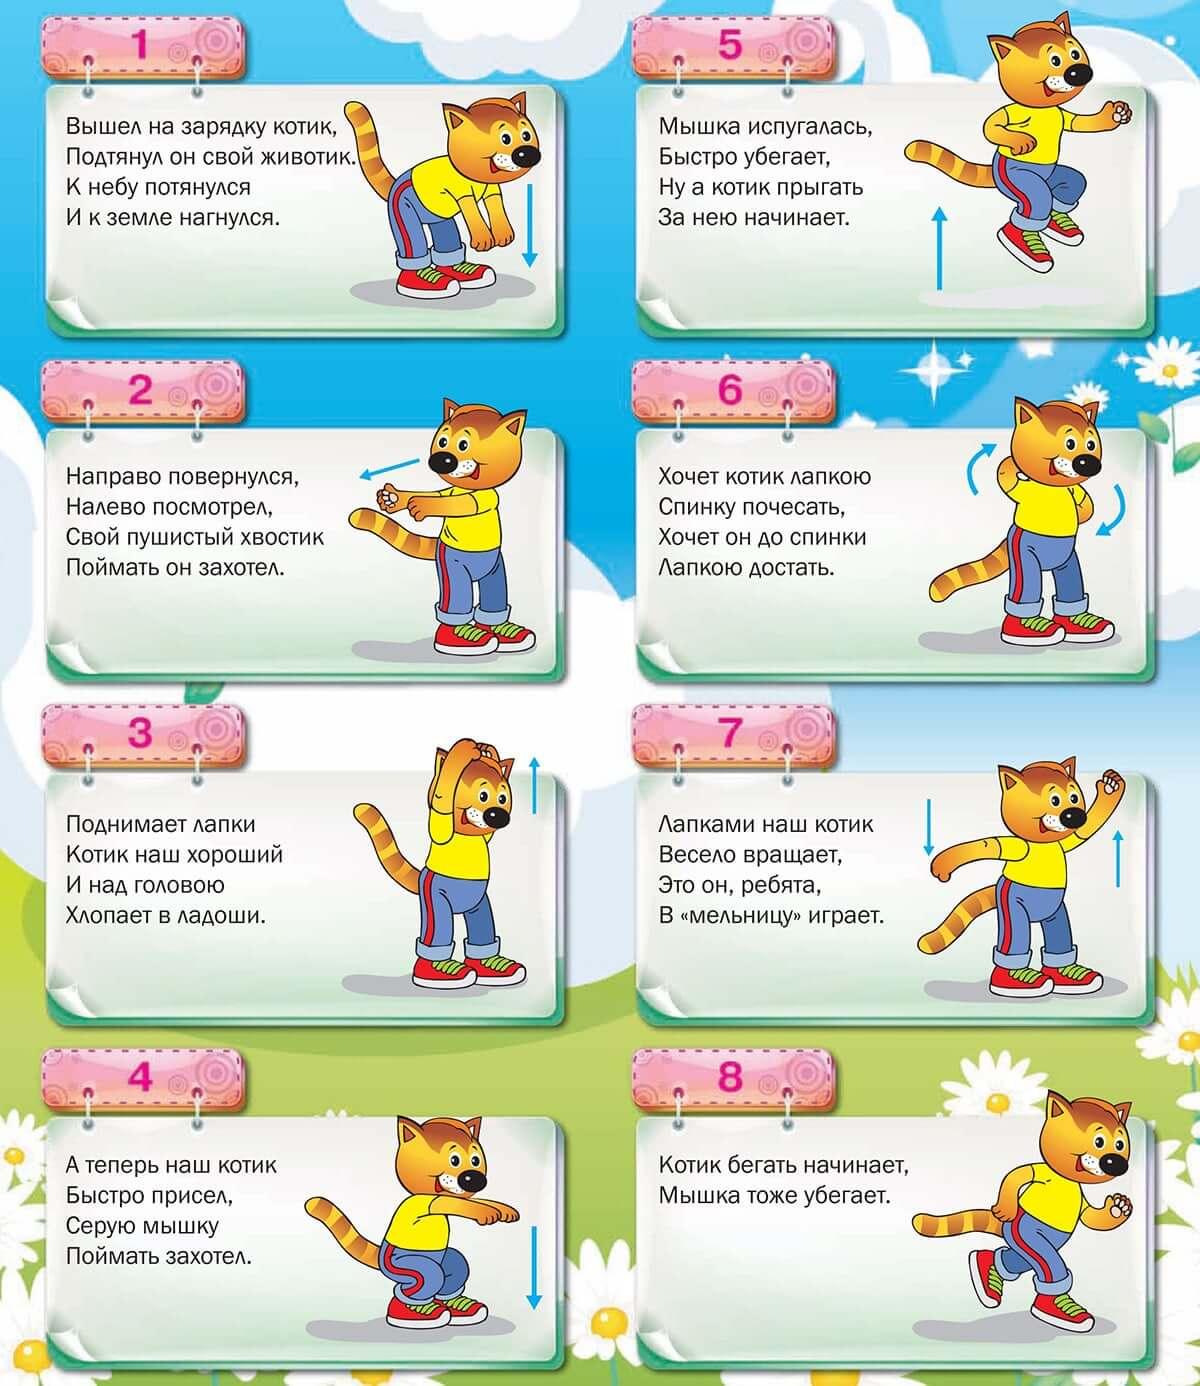 Физическое воспитание в игровой форме